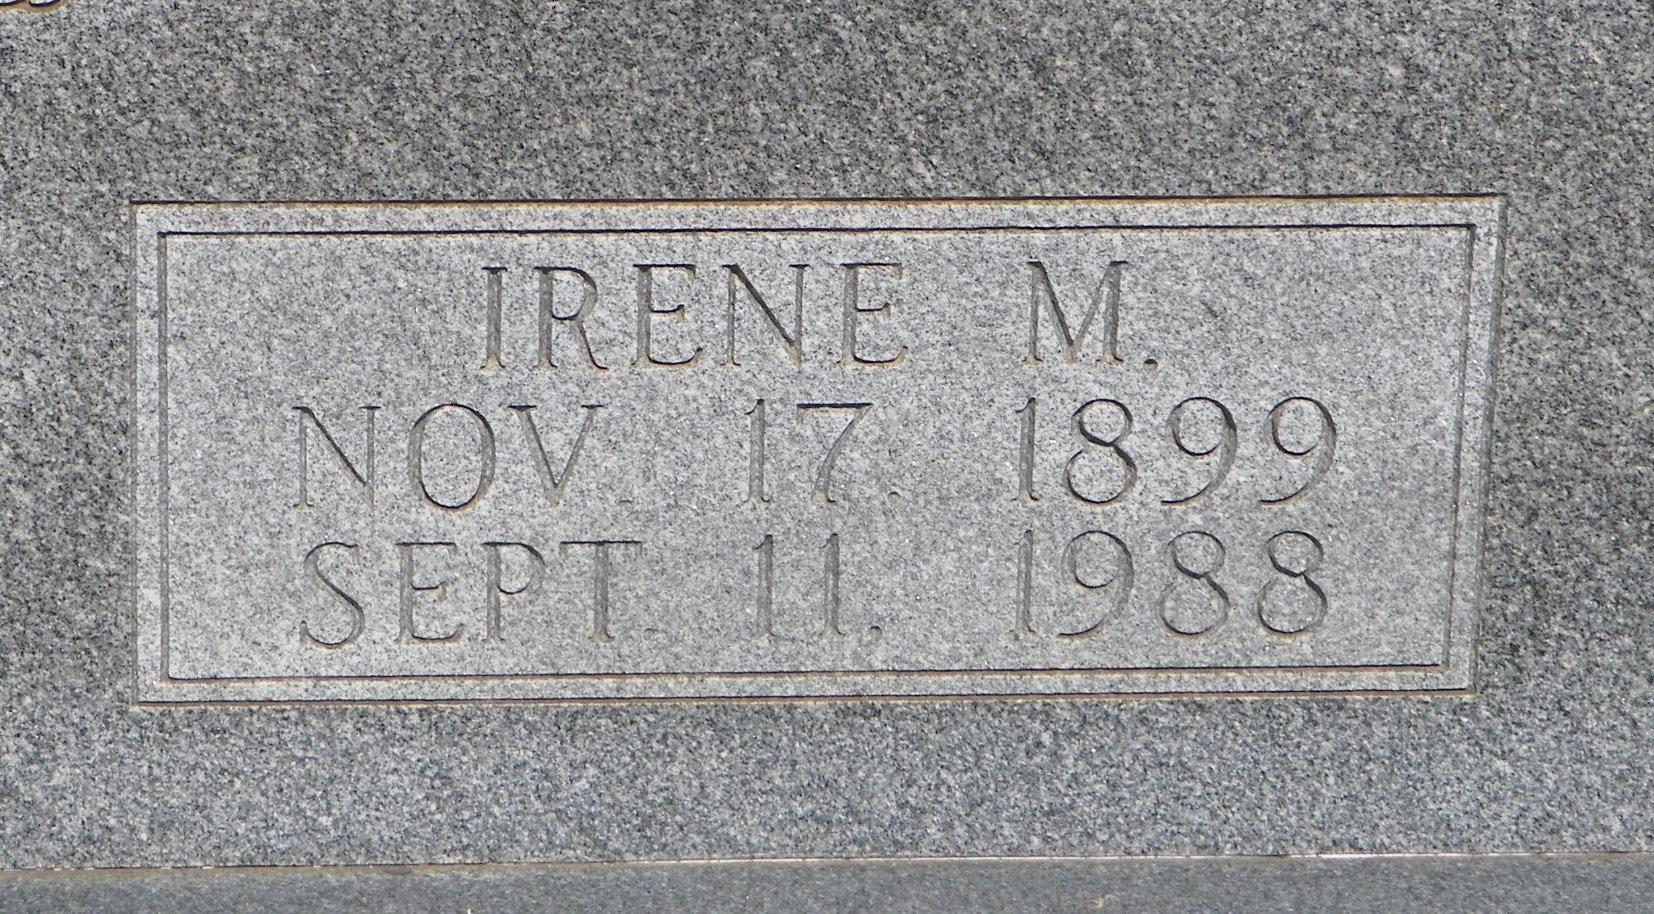 Irene M <i>Newsom</i> Howell